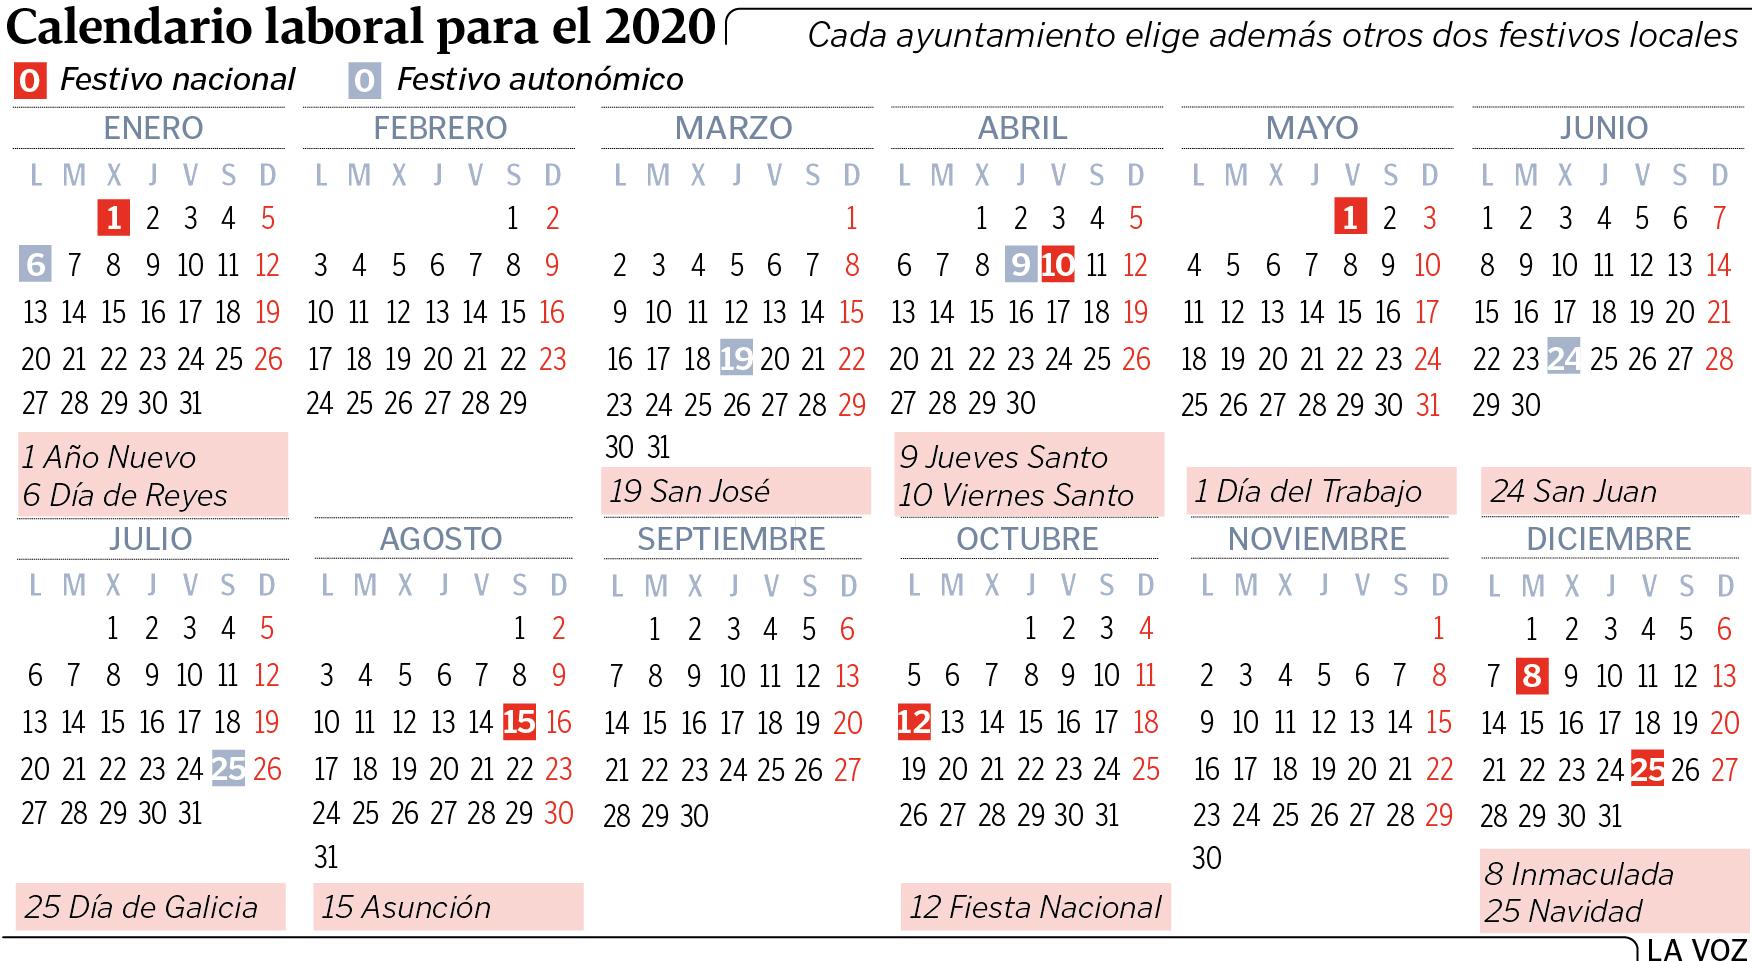 Calendario Escolar Galicia 2020 Y 2019.Calendario Laboral Asturias 2020